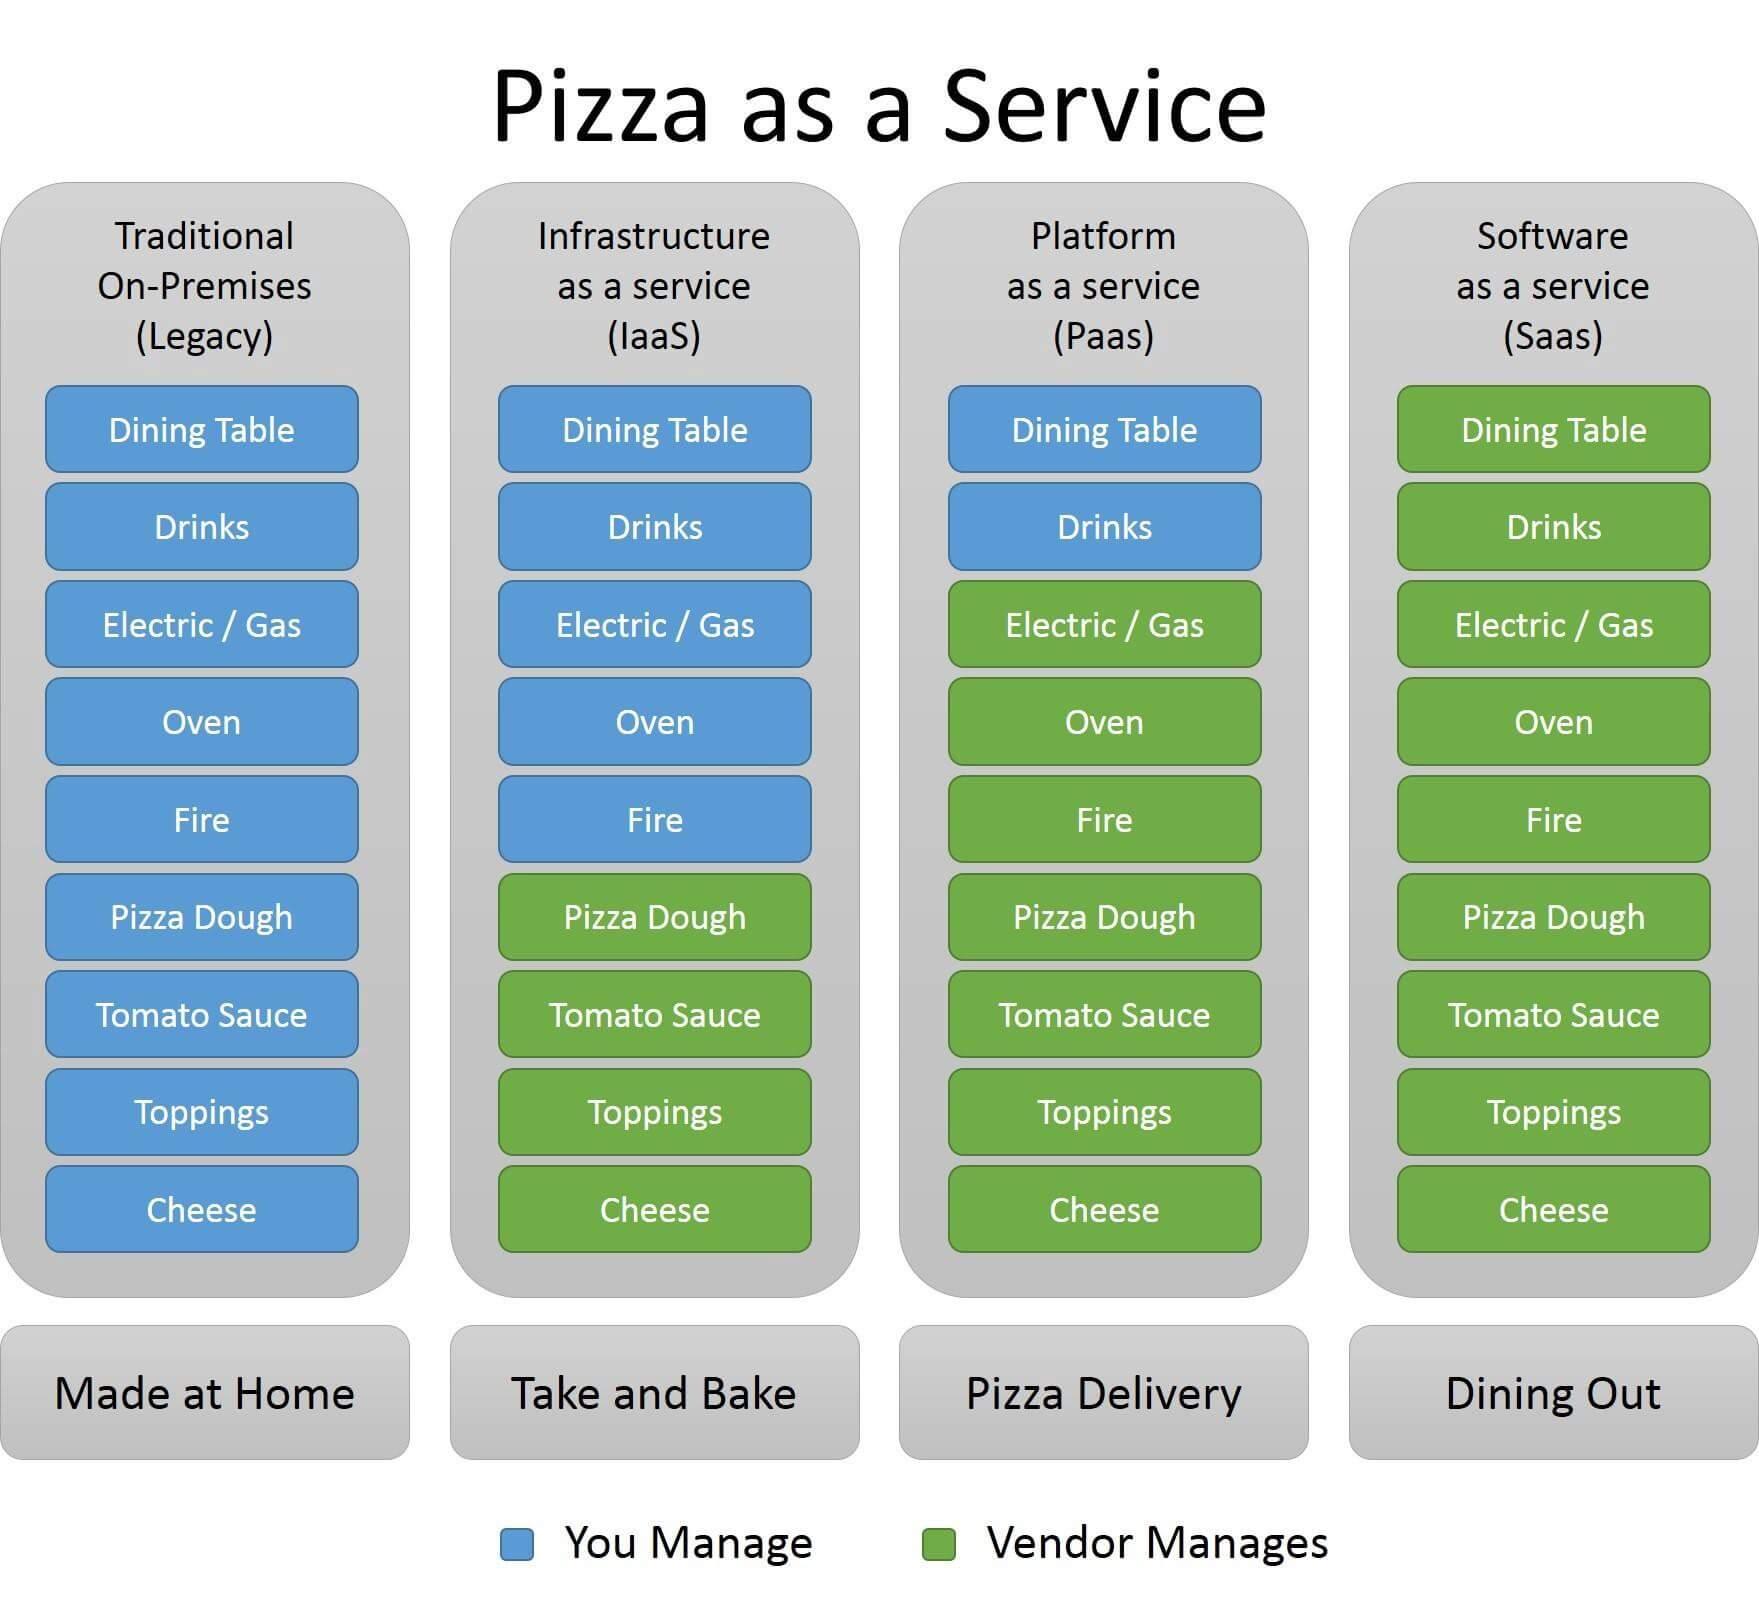 各サービスをピザで想定し説明されている